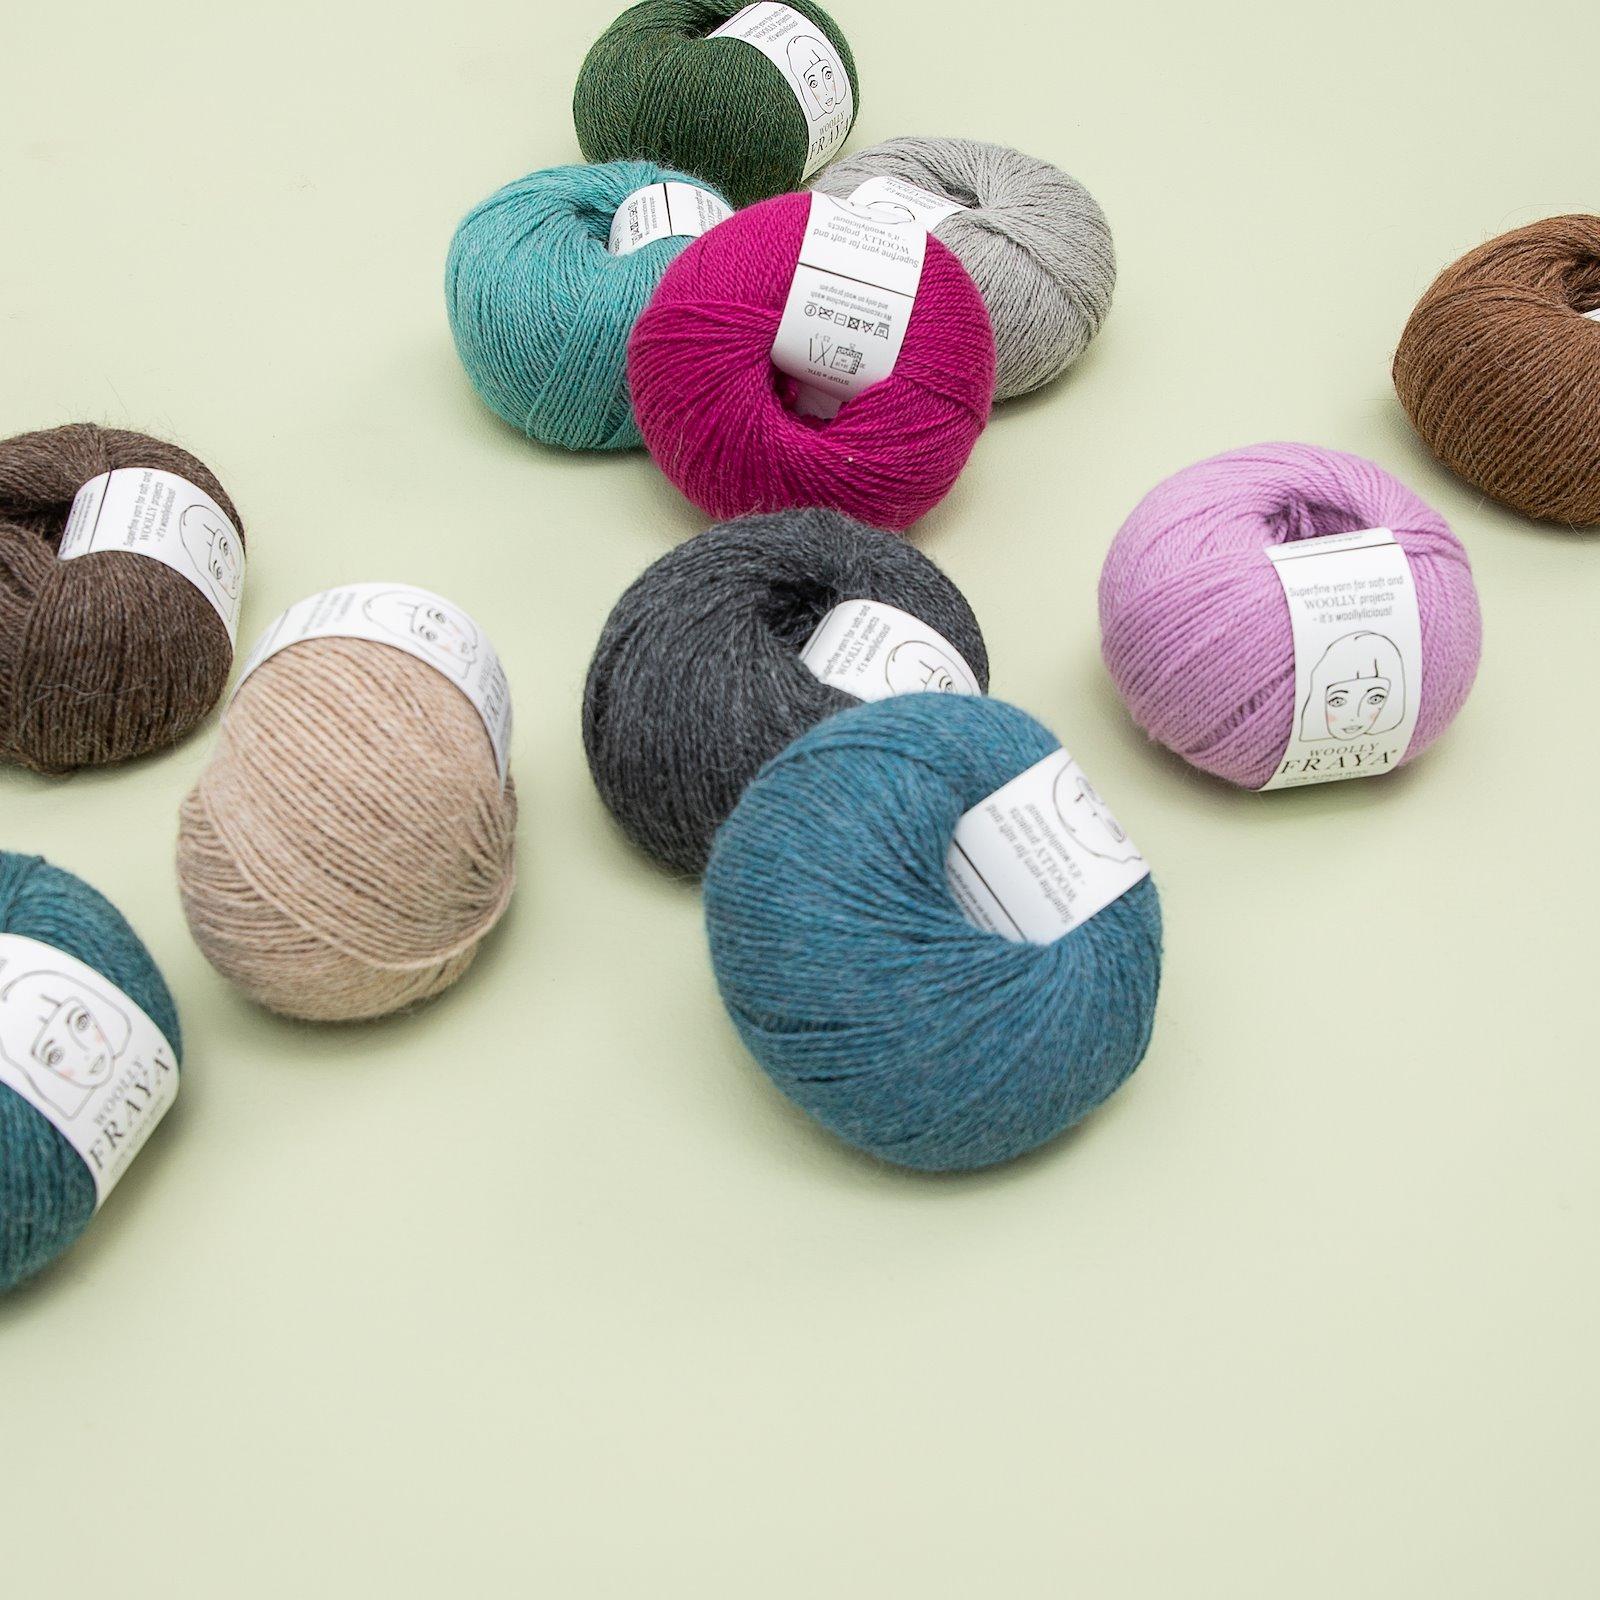 Woolly 50g grey melange 90000062_90000064_90000066_90000068_90000069_90000070_bundle